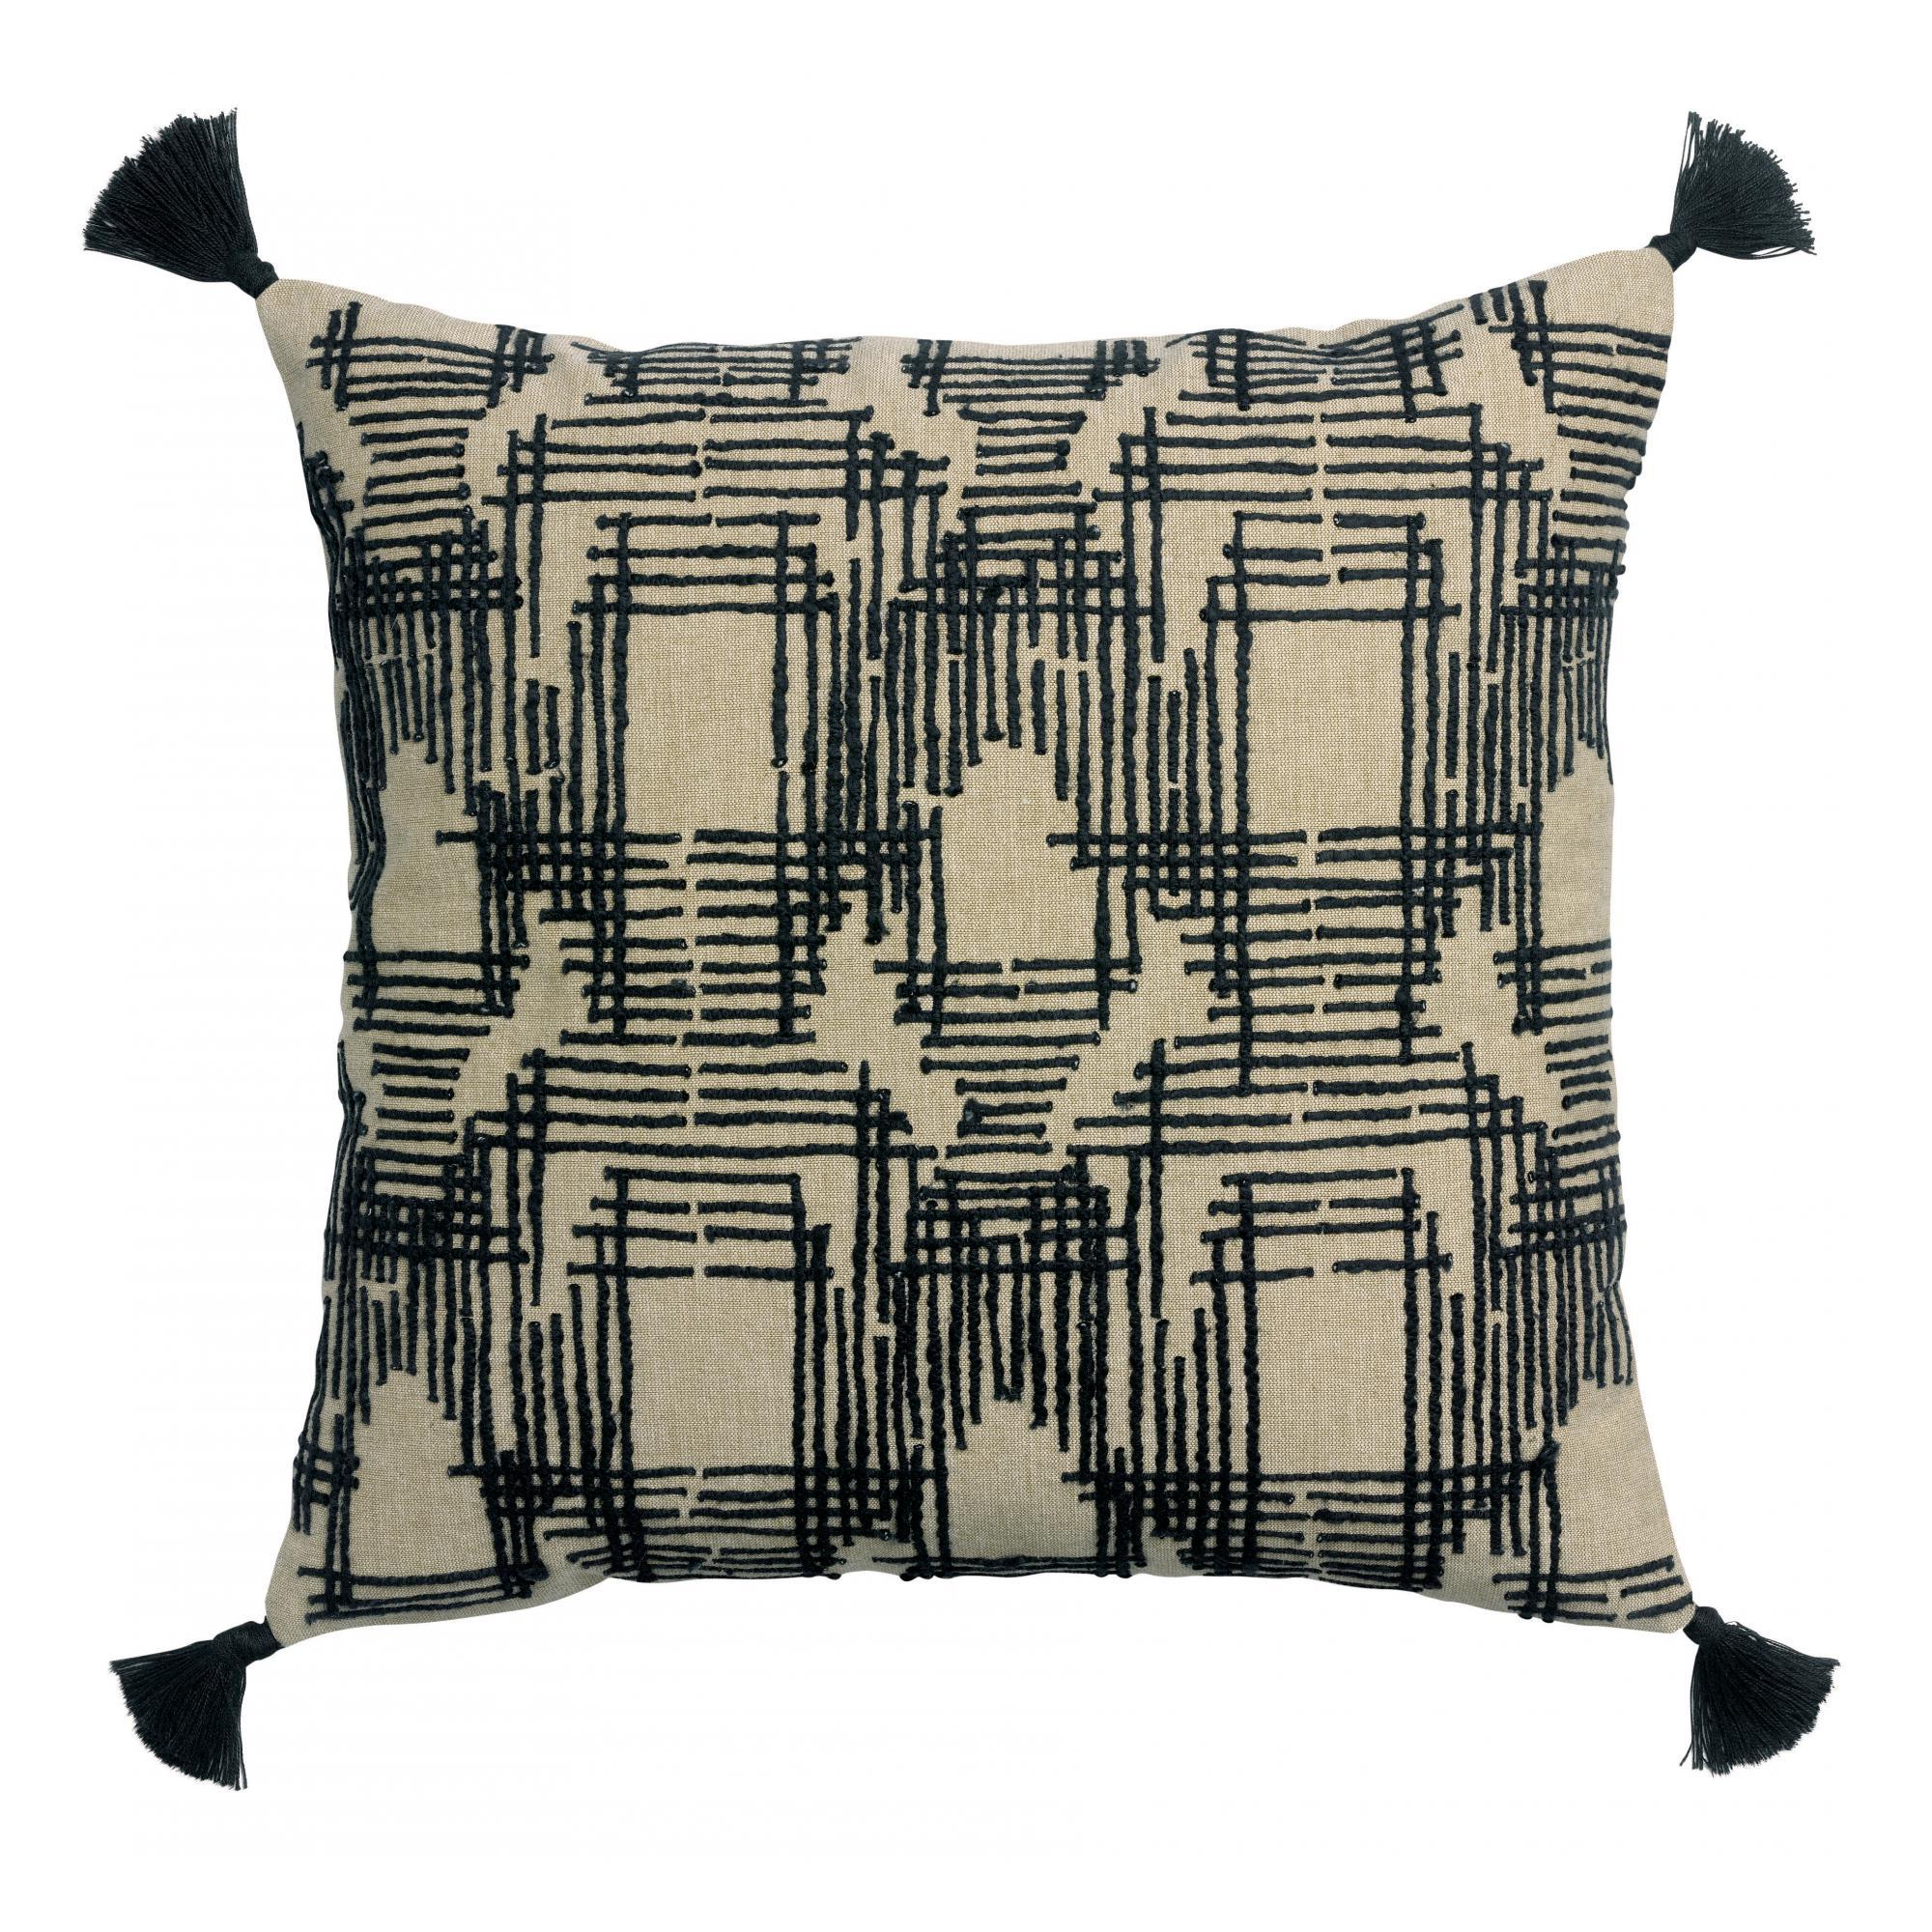 Coussin brodé en coton ombre 45 x 45